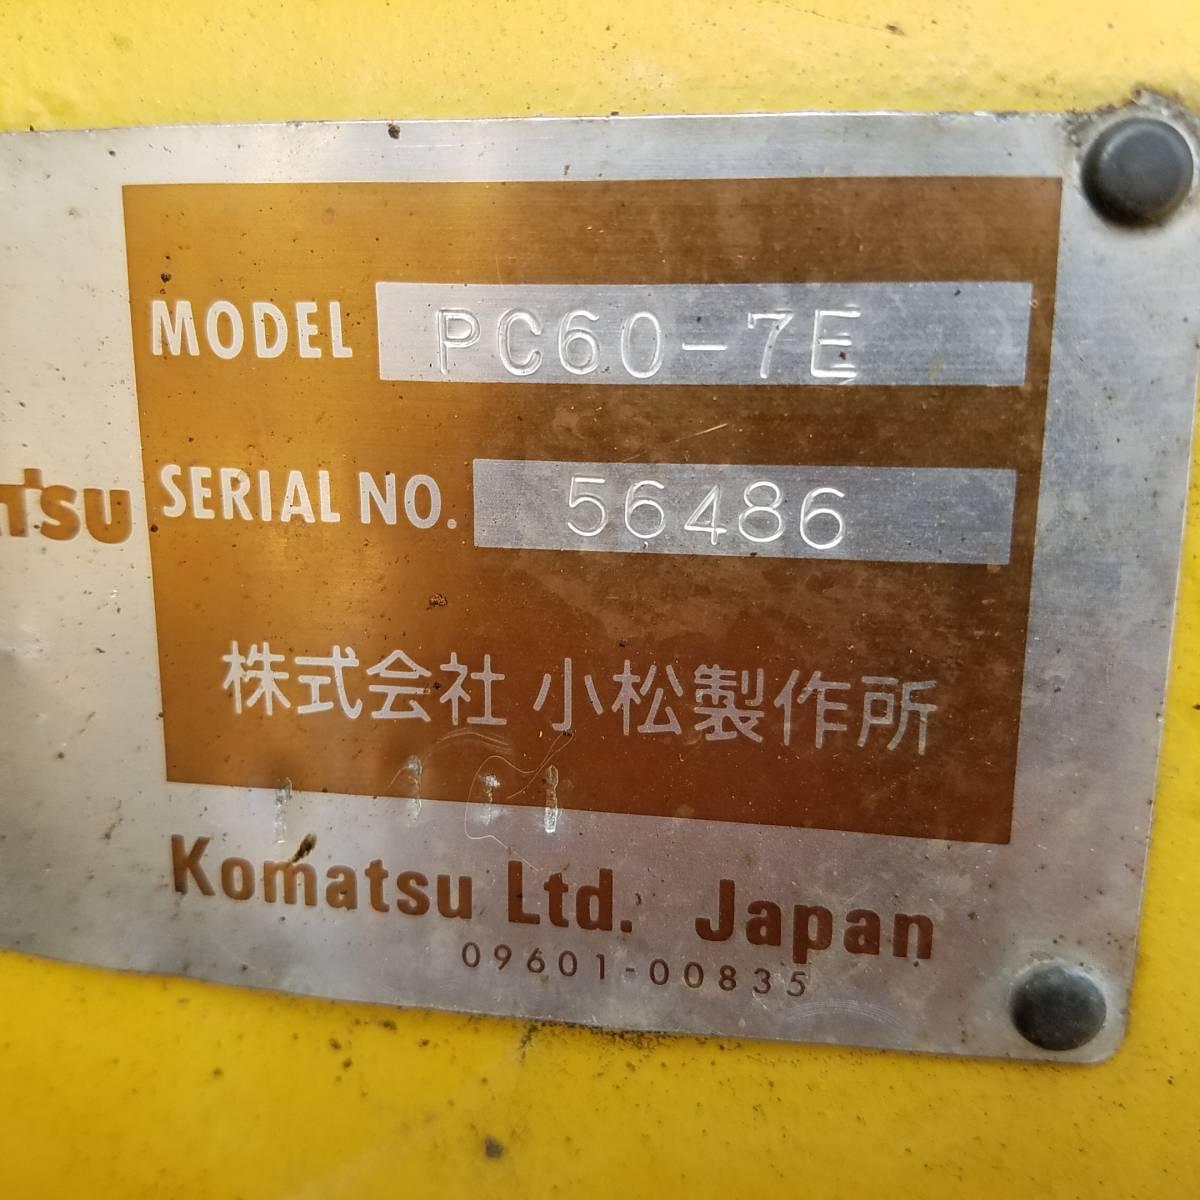 小松油圧ショベルPC60-7E(0.25M3)平成11年式(1999年)木材グラップル付き、新品リンク交換済み,メンテナンス整備済です。_画像10